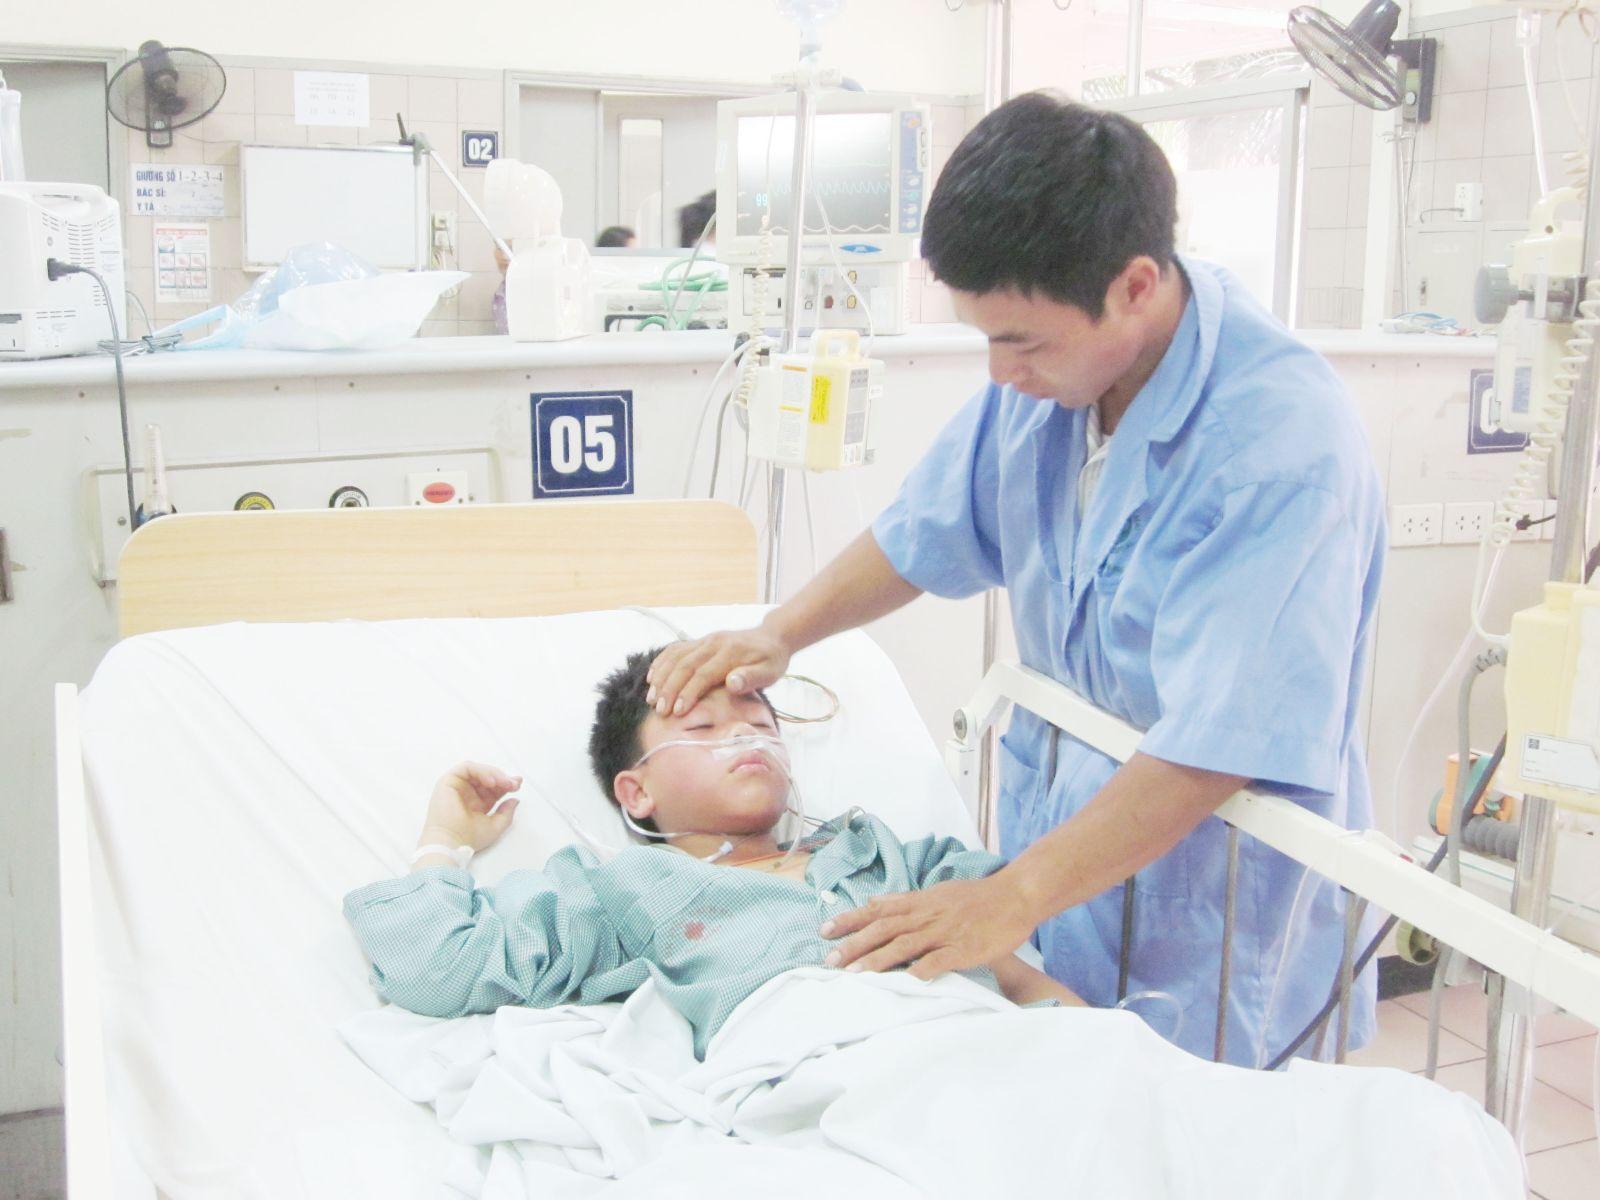 Sơ cứu kịp thời khi trẻ bị ngộ độc hóa chất giúp đảm bảo sức khỏe các em